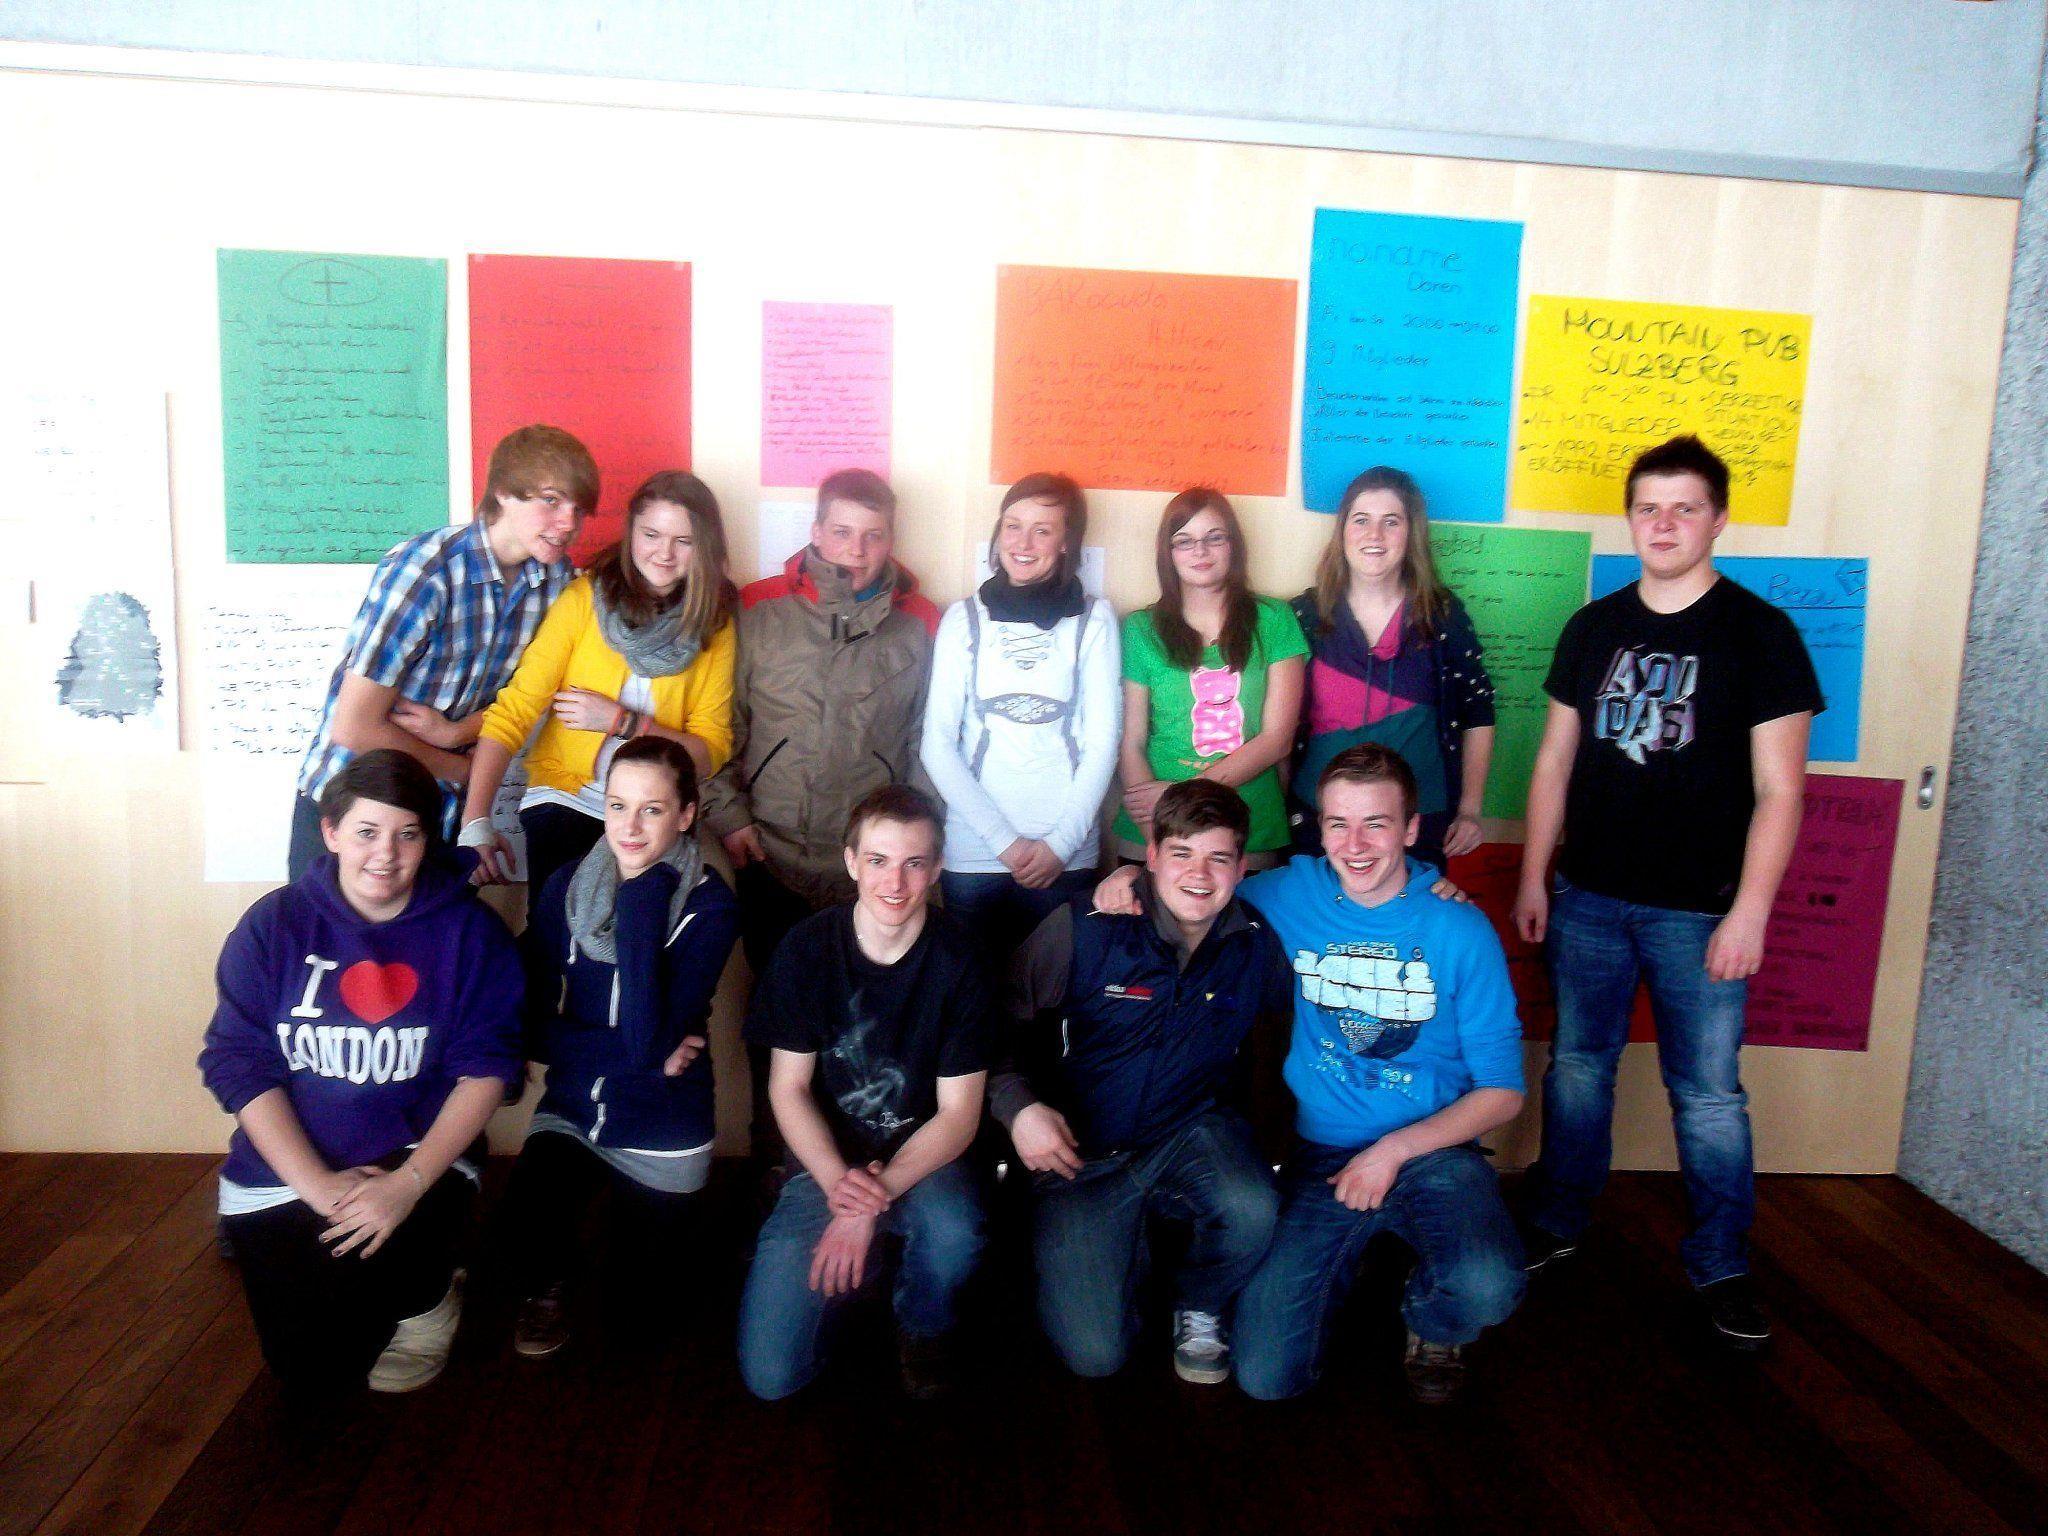 Das Team der Offenen Jugendarbeit Bregenzerwald engagiert sich für Jugendliche.